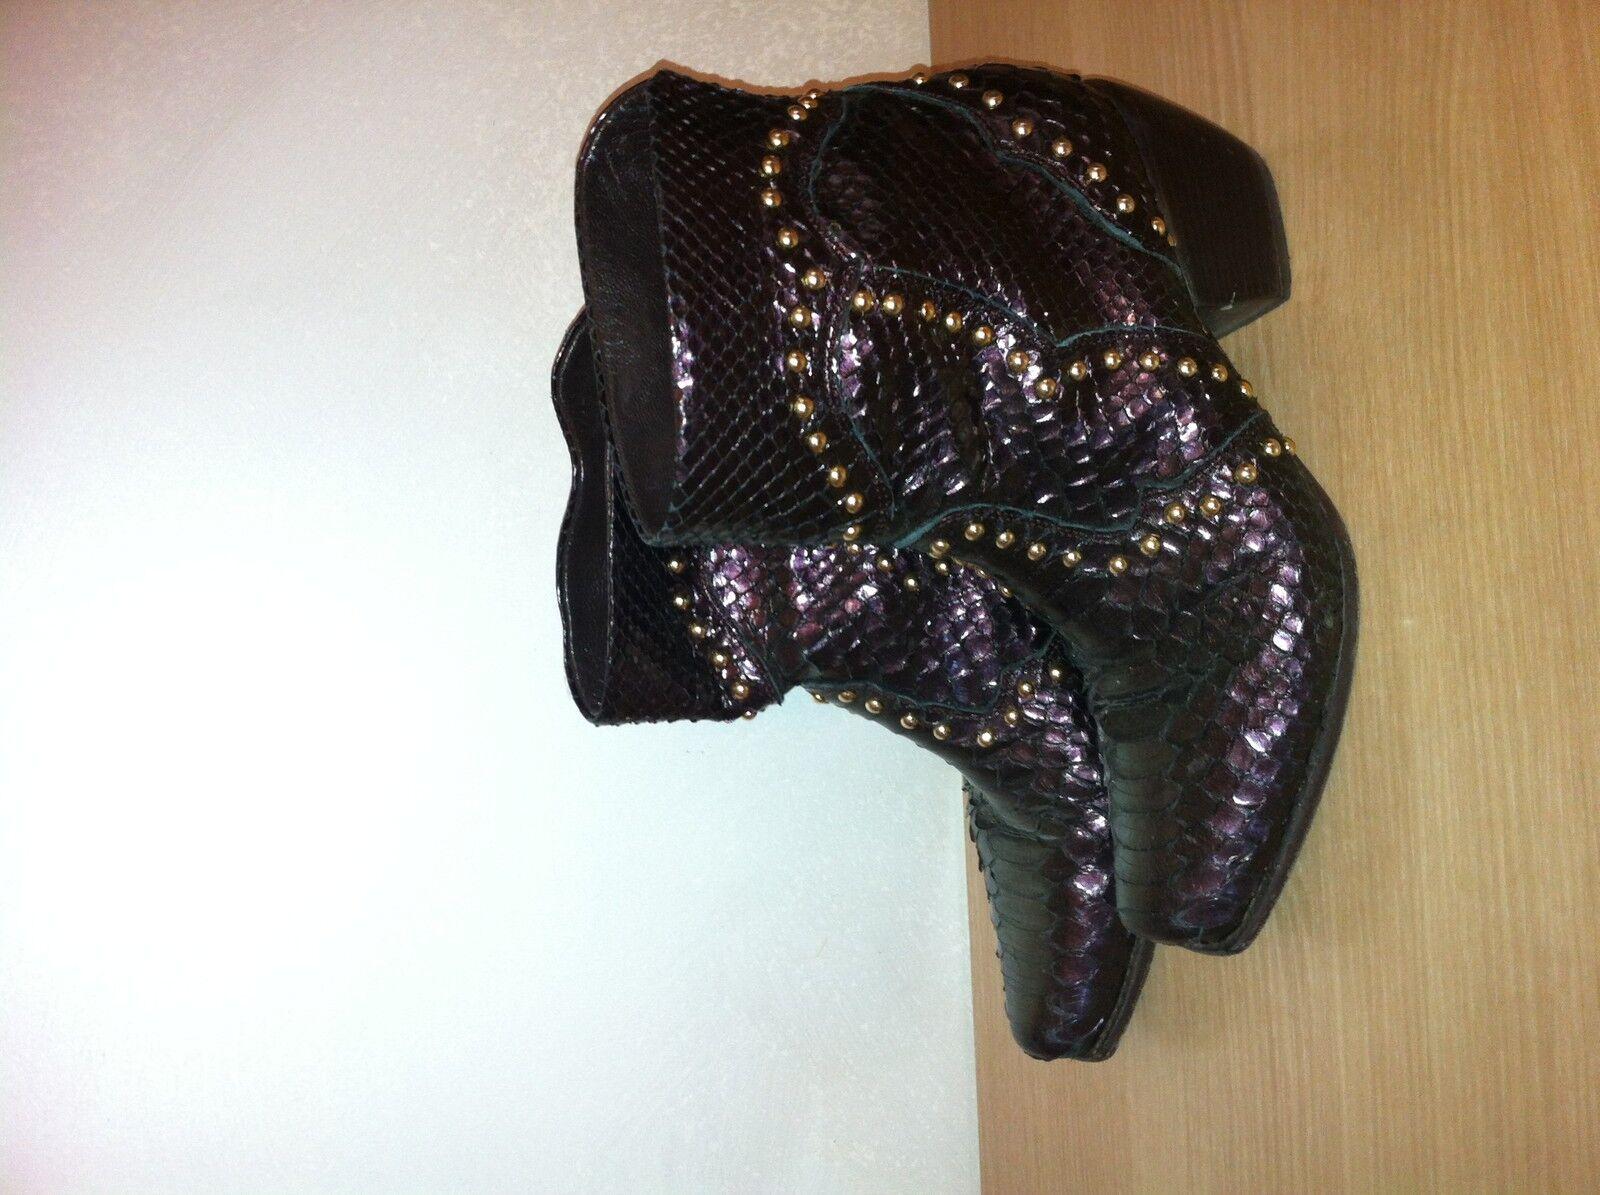 STIVALI Damens RETTILE BULLONI MADE IN ITALY TG.37 PELLE CUOIO Schuhe